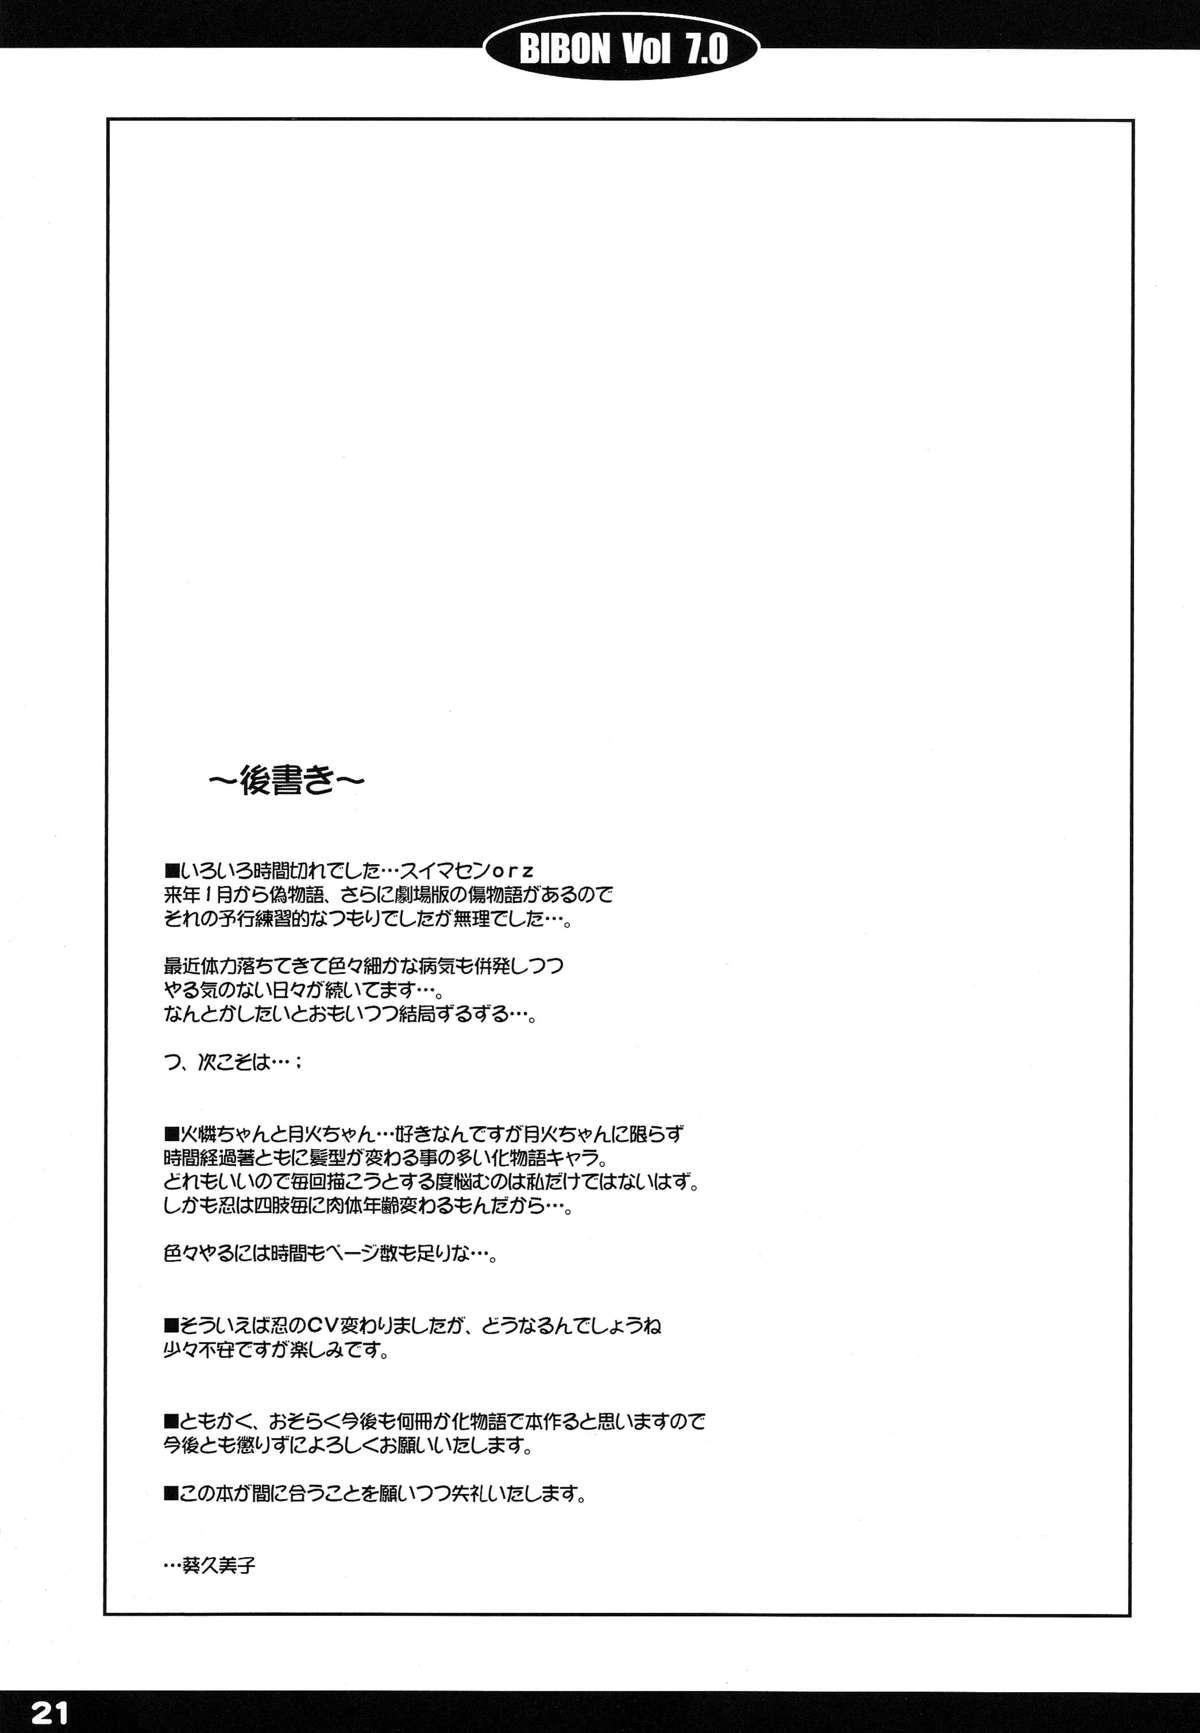 BIBON Vol 7.0 20